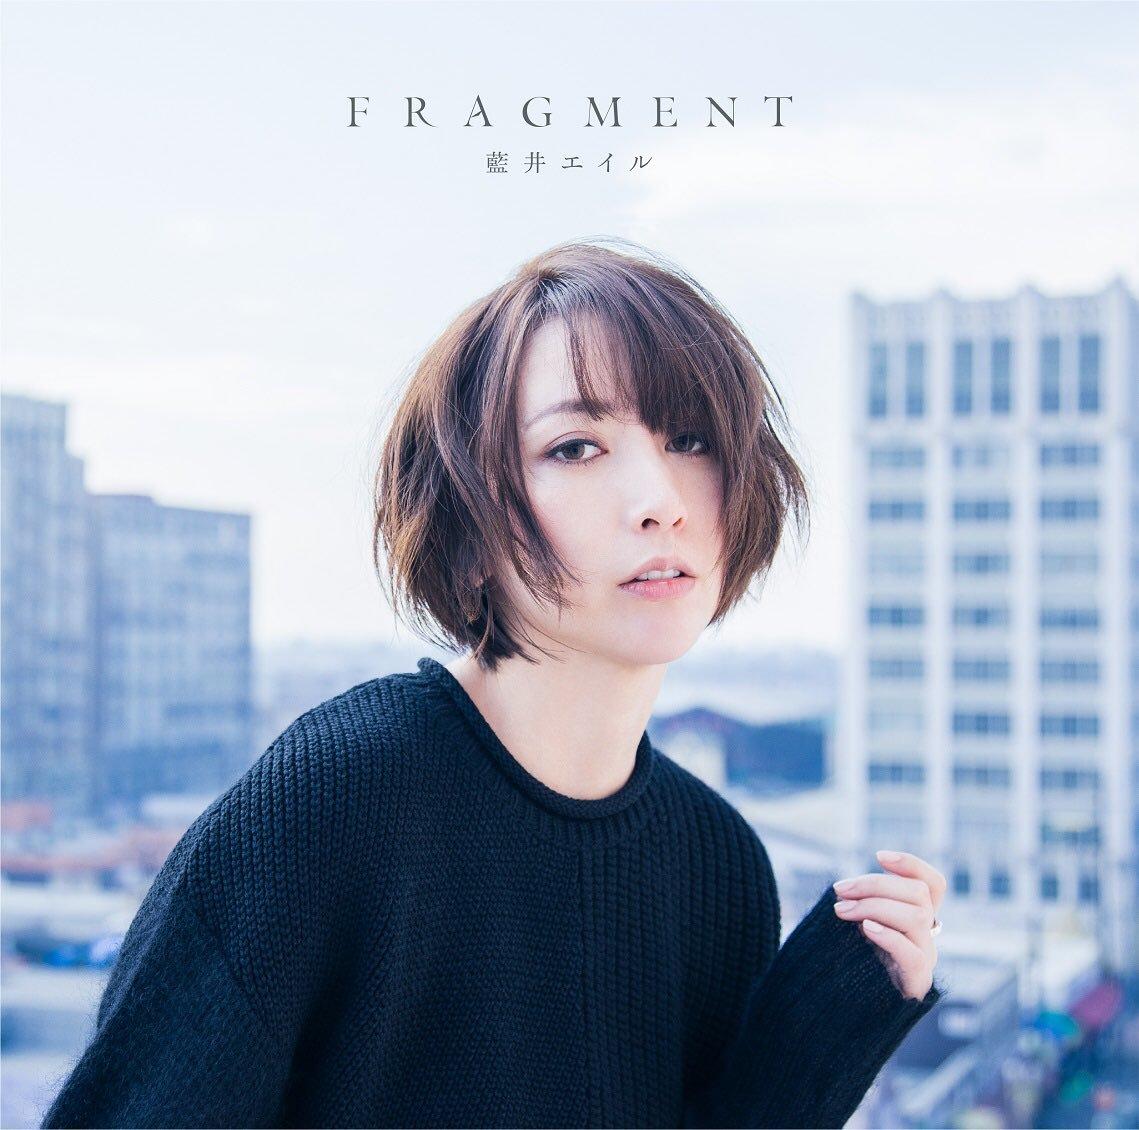 藍井エイル『FRAGMENT』:明るく咲いた歌声、拾い集めたカケラ、浮かび上がる新しい道_b0078188_21522648.jpg